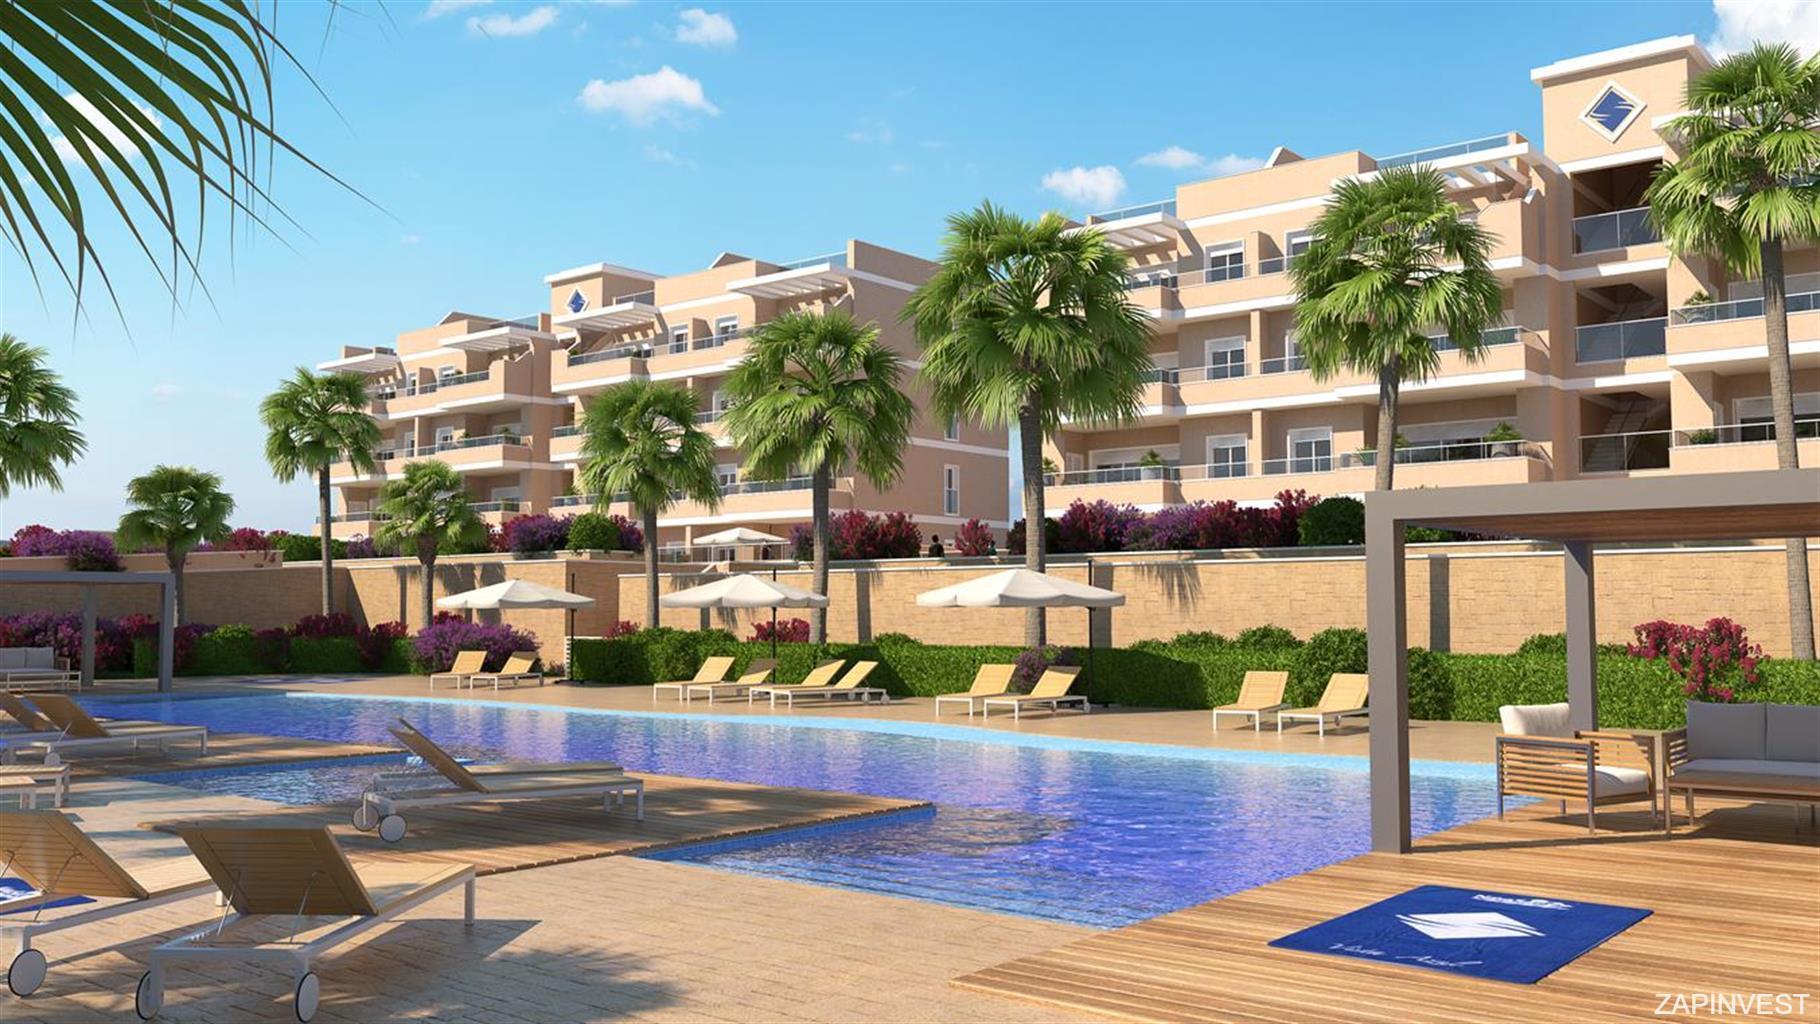 3-slaapkamer appartement met gemeenschappelijk zwembad, speeltuin en buitenfitnessruimte.